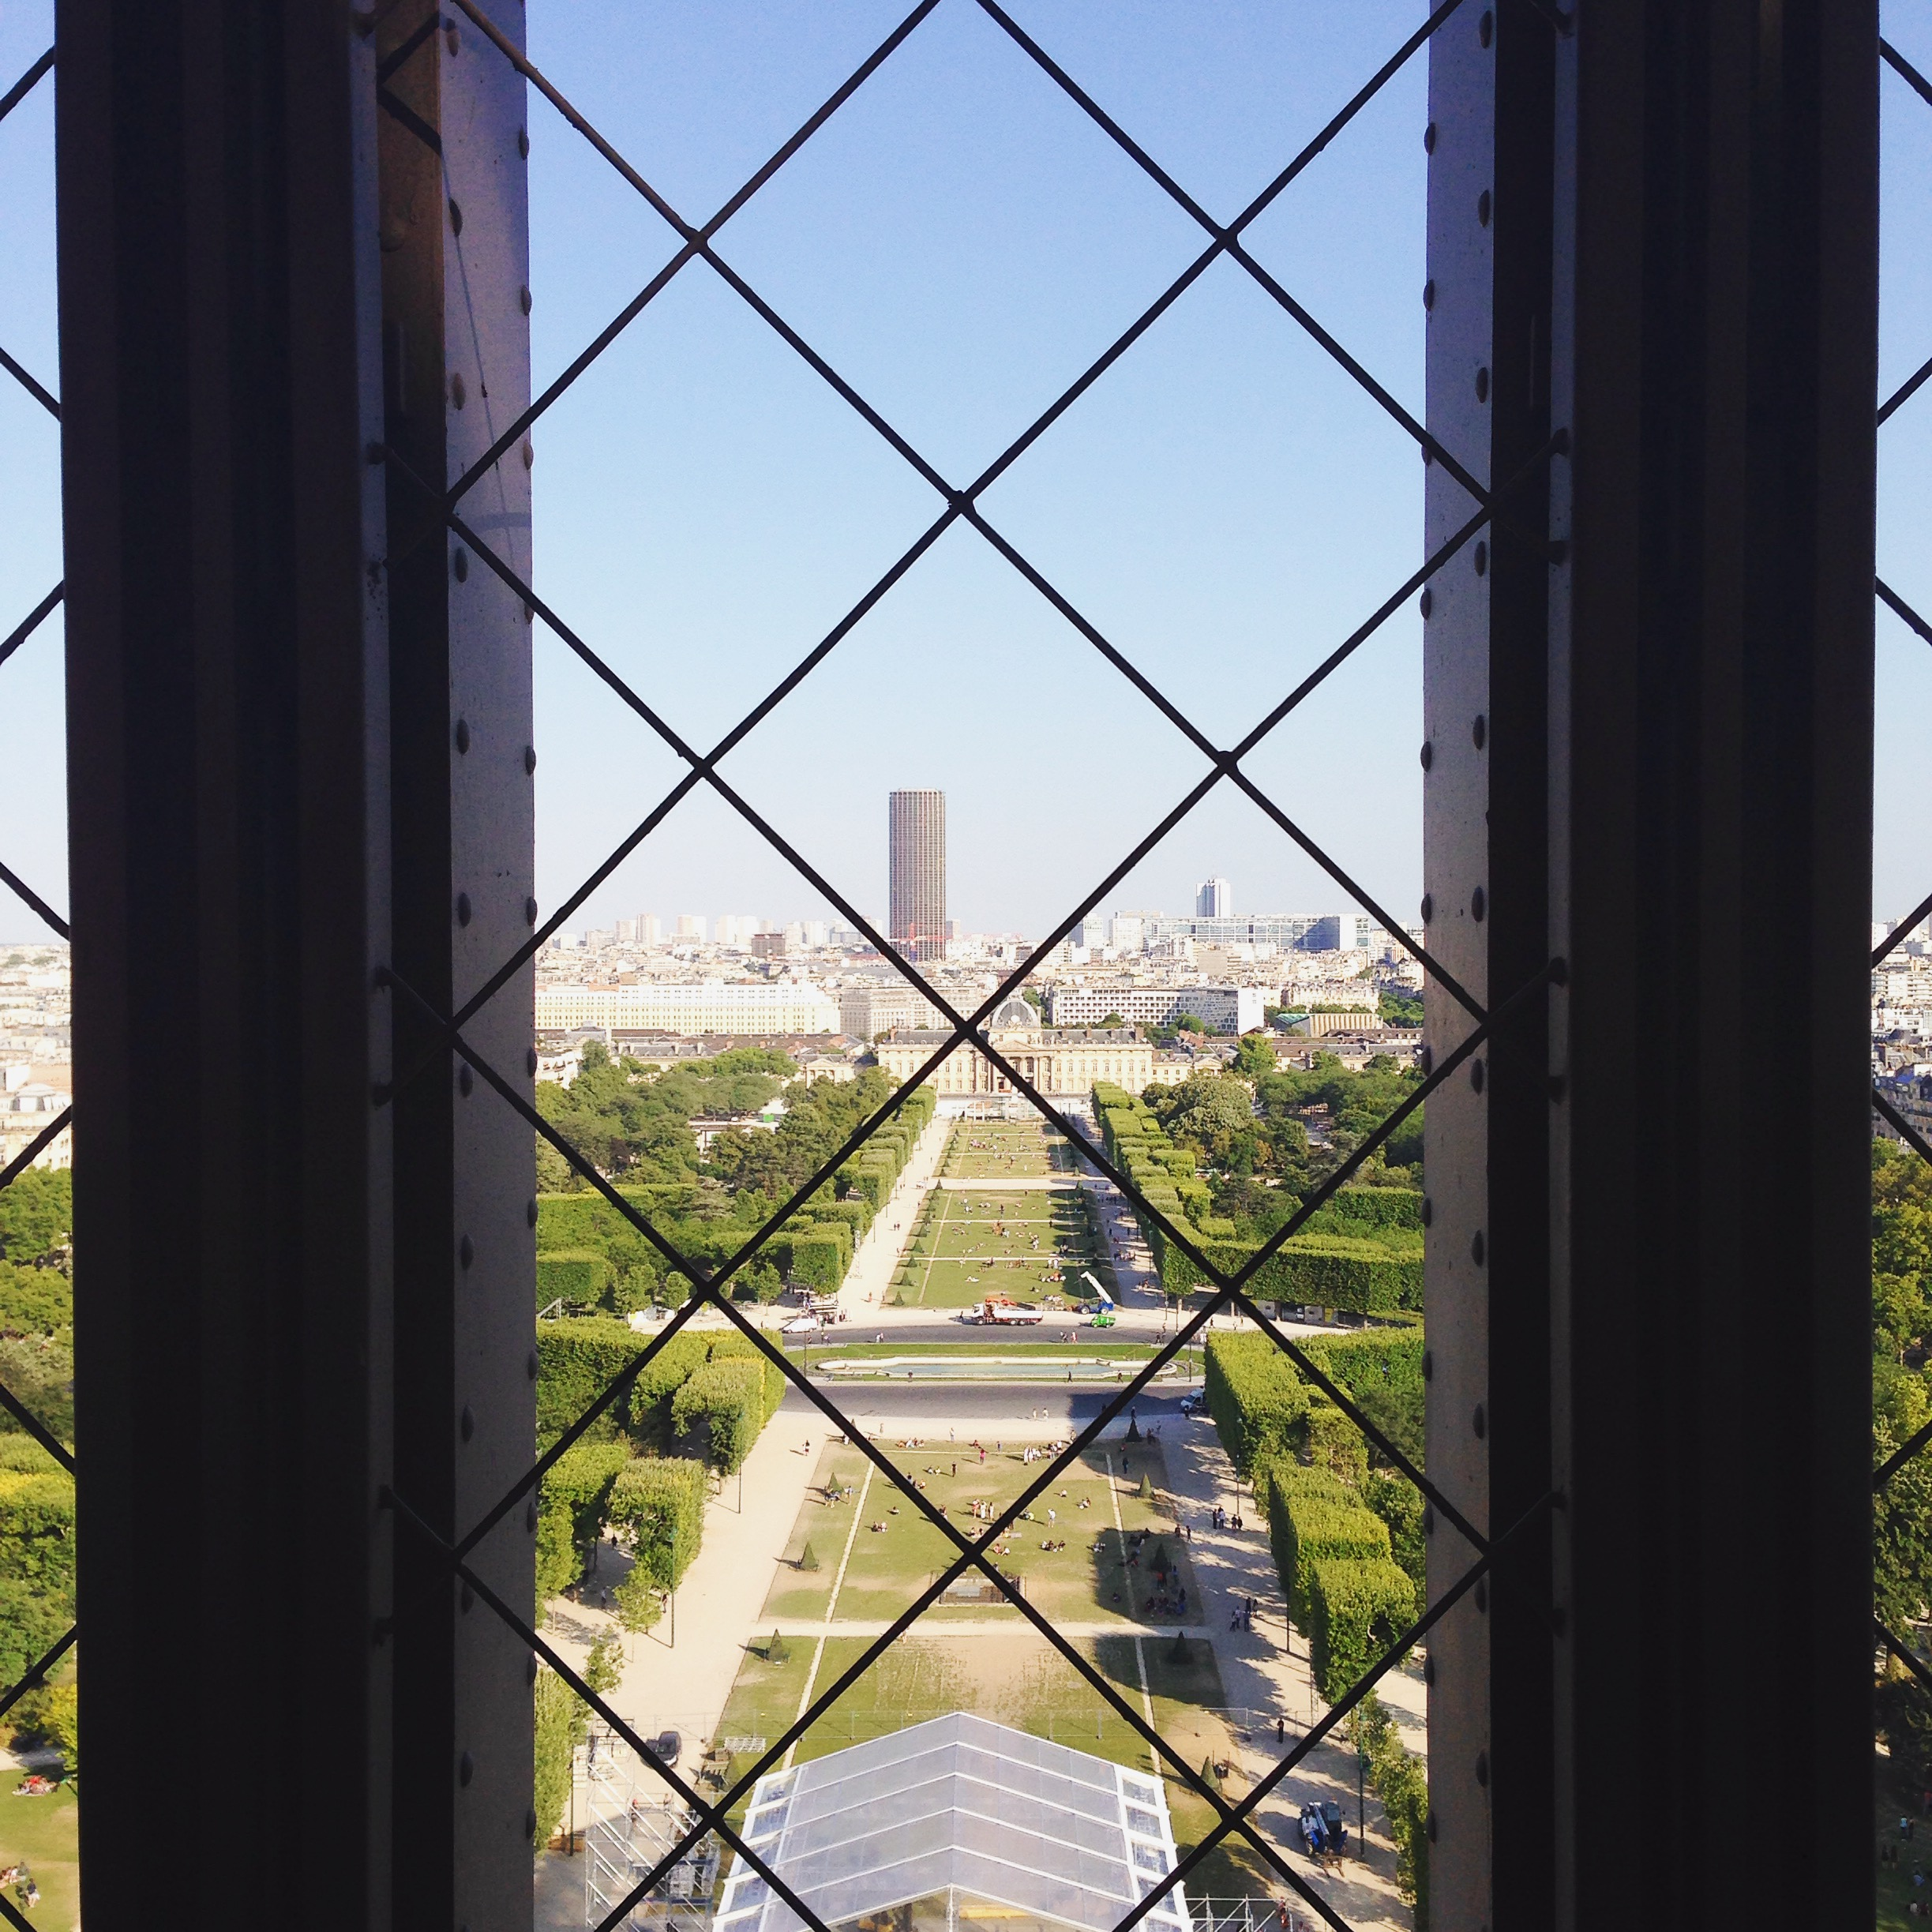 Lozidaze_Eiffel-Tower_01